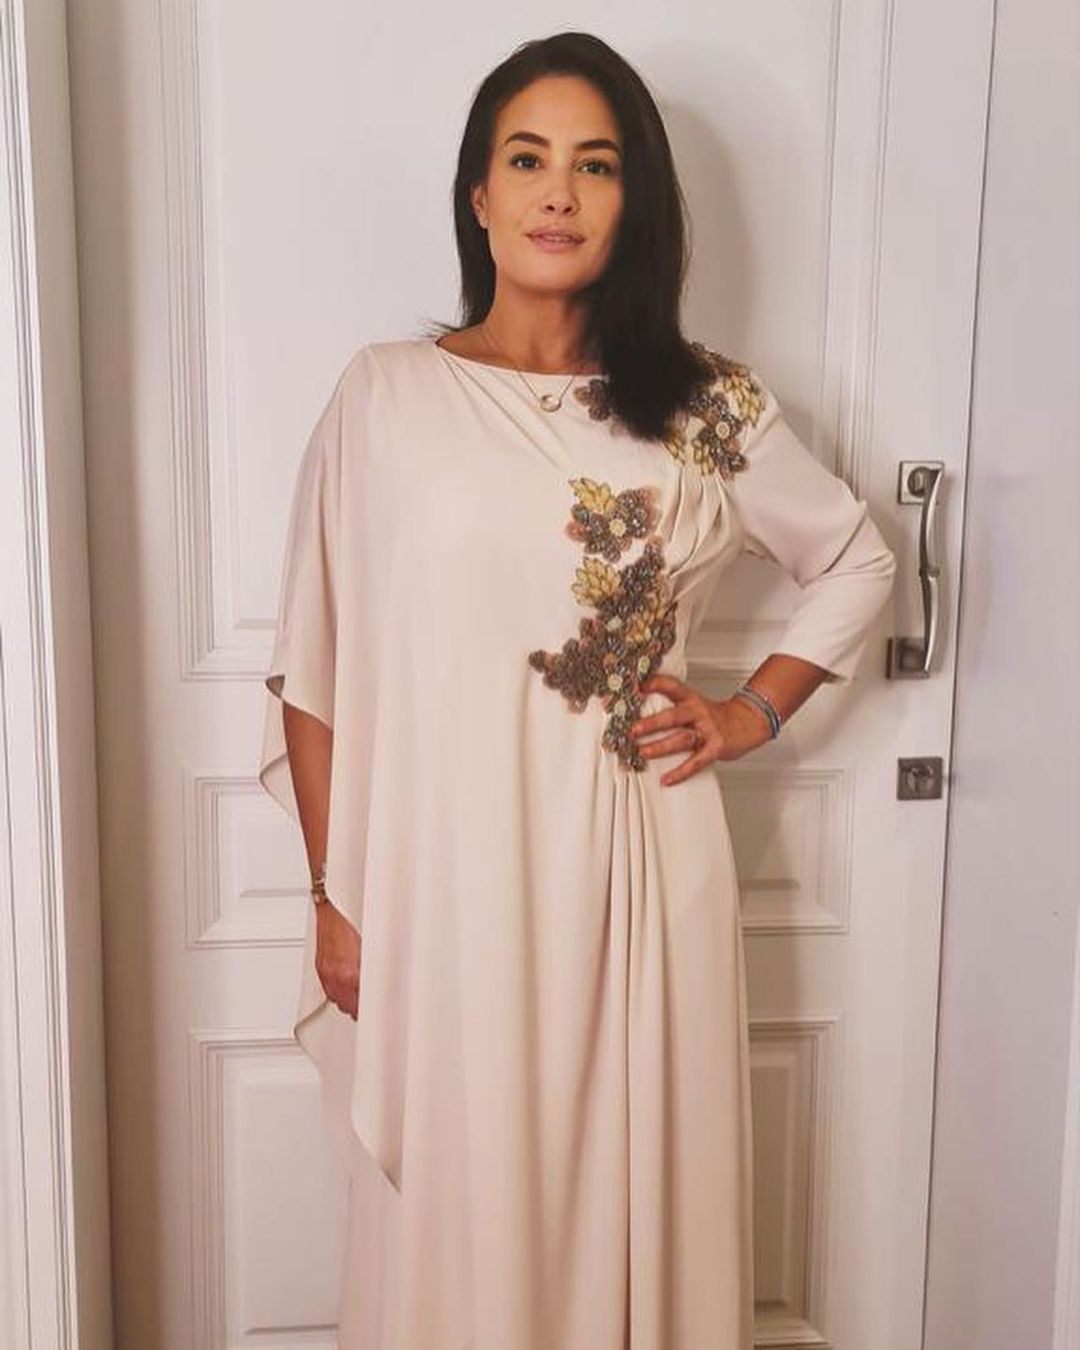 صورة ٤ هند صبري بفستان أبيض الصورة من حسابها علي انستغرام.jpg